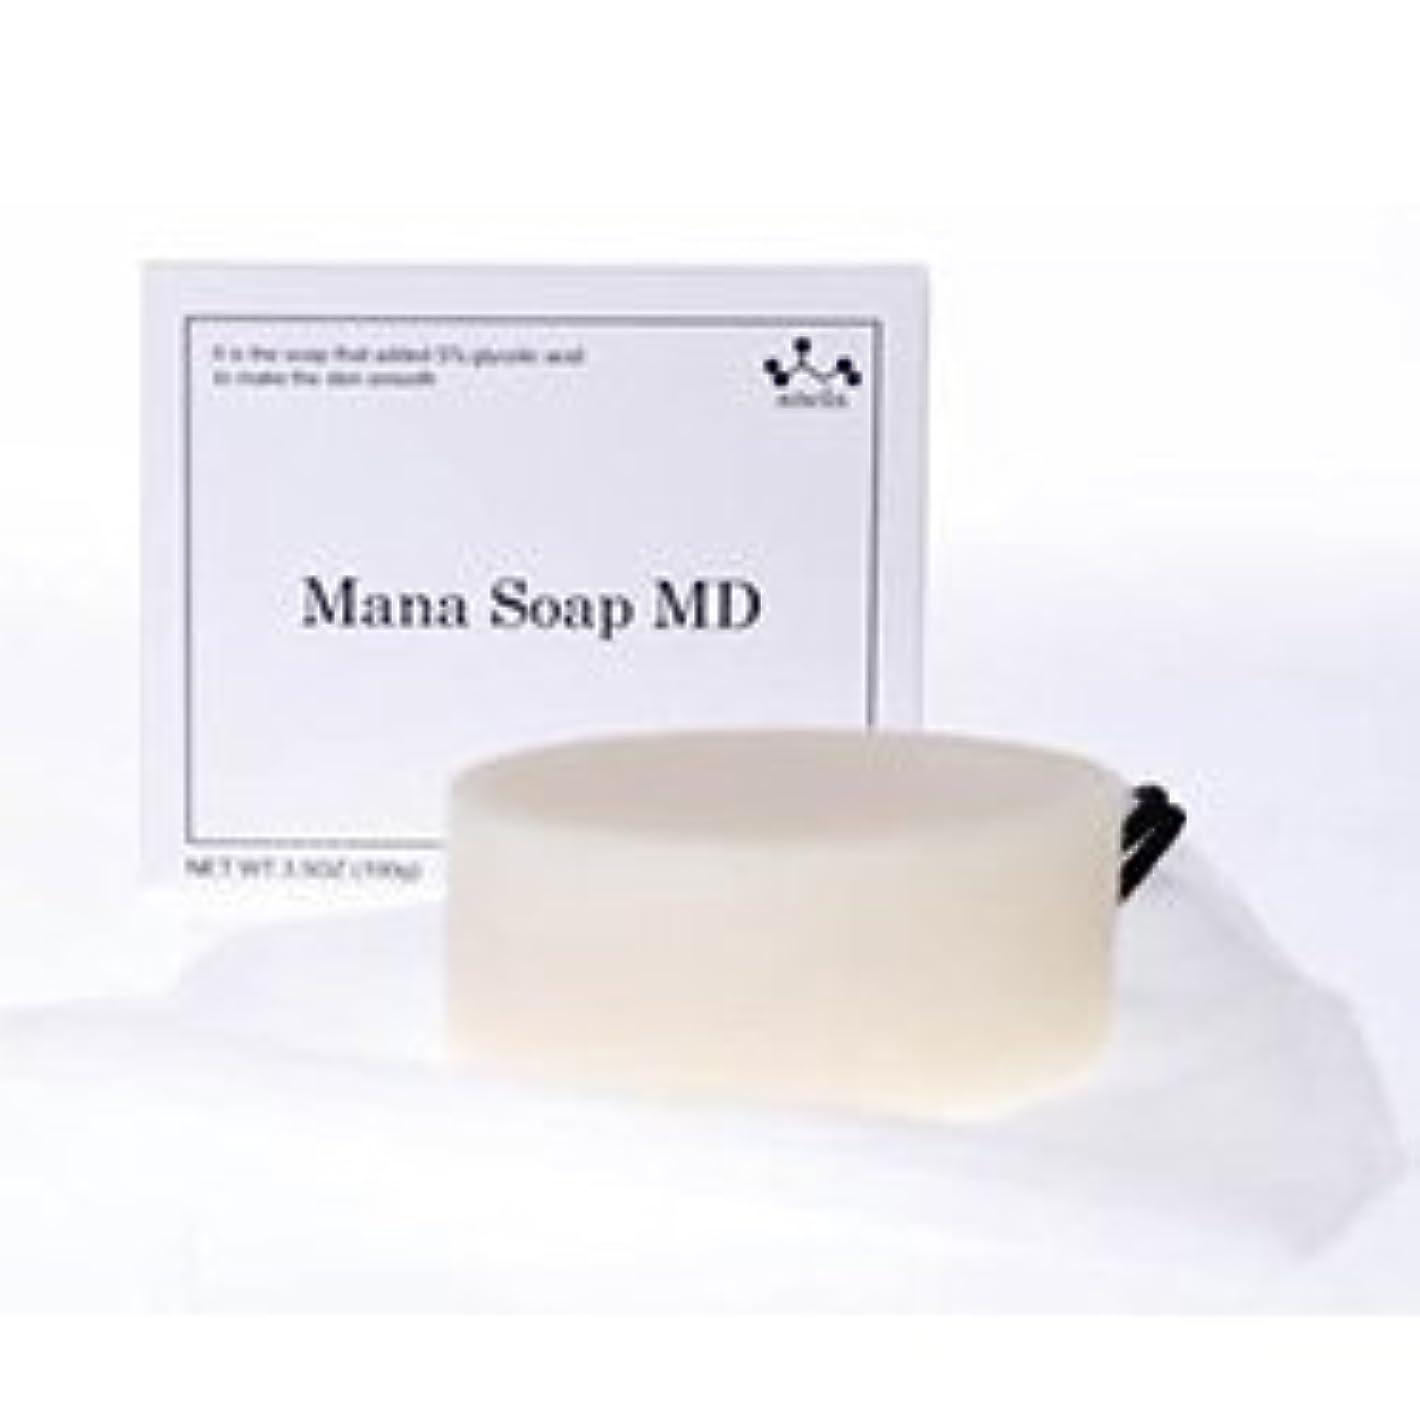 常習的目覚める作り【ニキビ?乾燥?敏感】マナソープMD5 乾燥するけどニキビができるという方におすすめ! プラセンタ配合の無添加ピーリング石鹸 (5%)